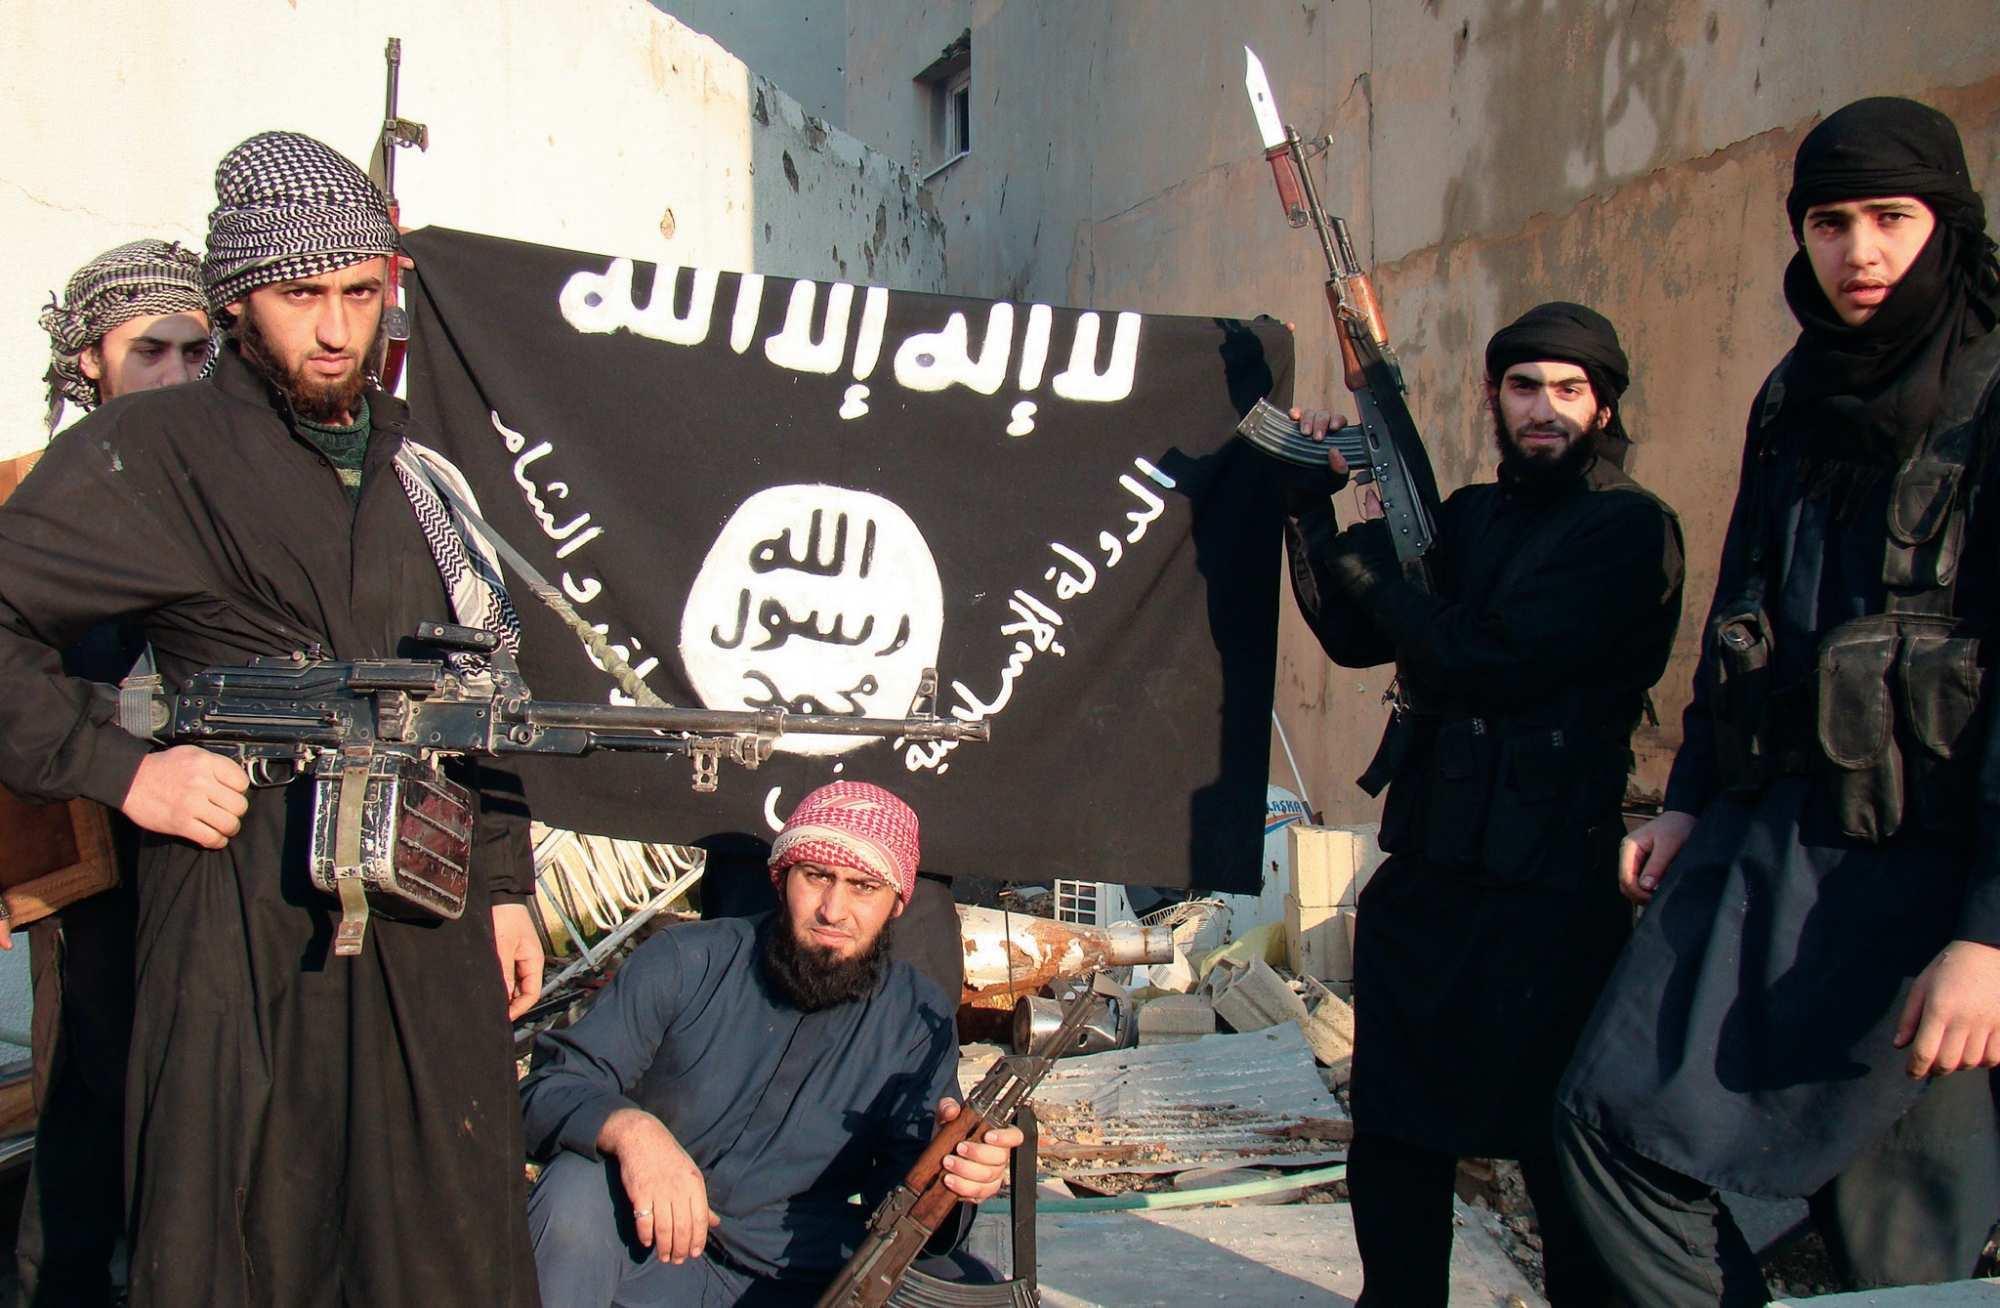 СБУ подтвердило информацию «Русской Весны», что боевики ИГИЛ используют Украину как перевалочную базу, дом отдыха и санаторий | Русская весна